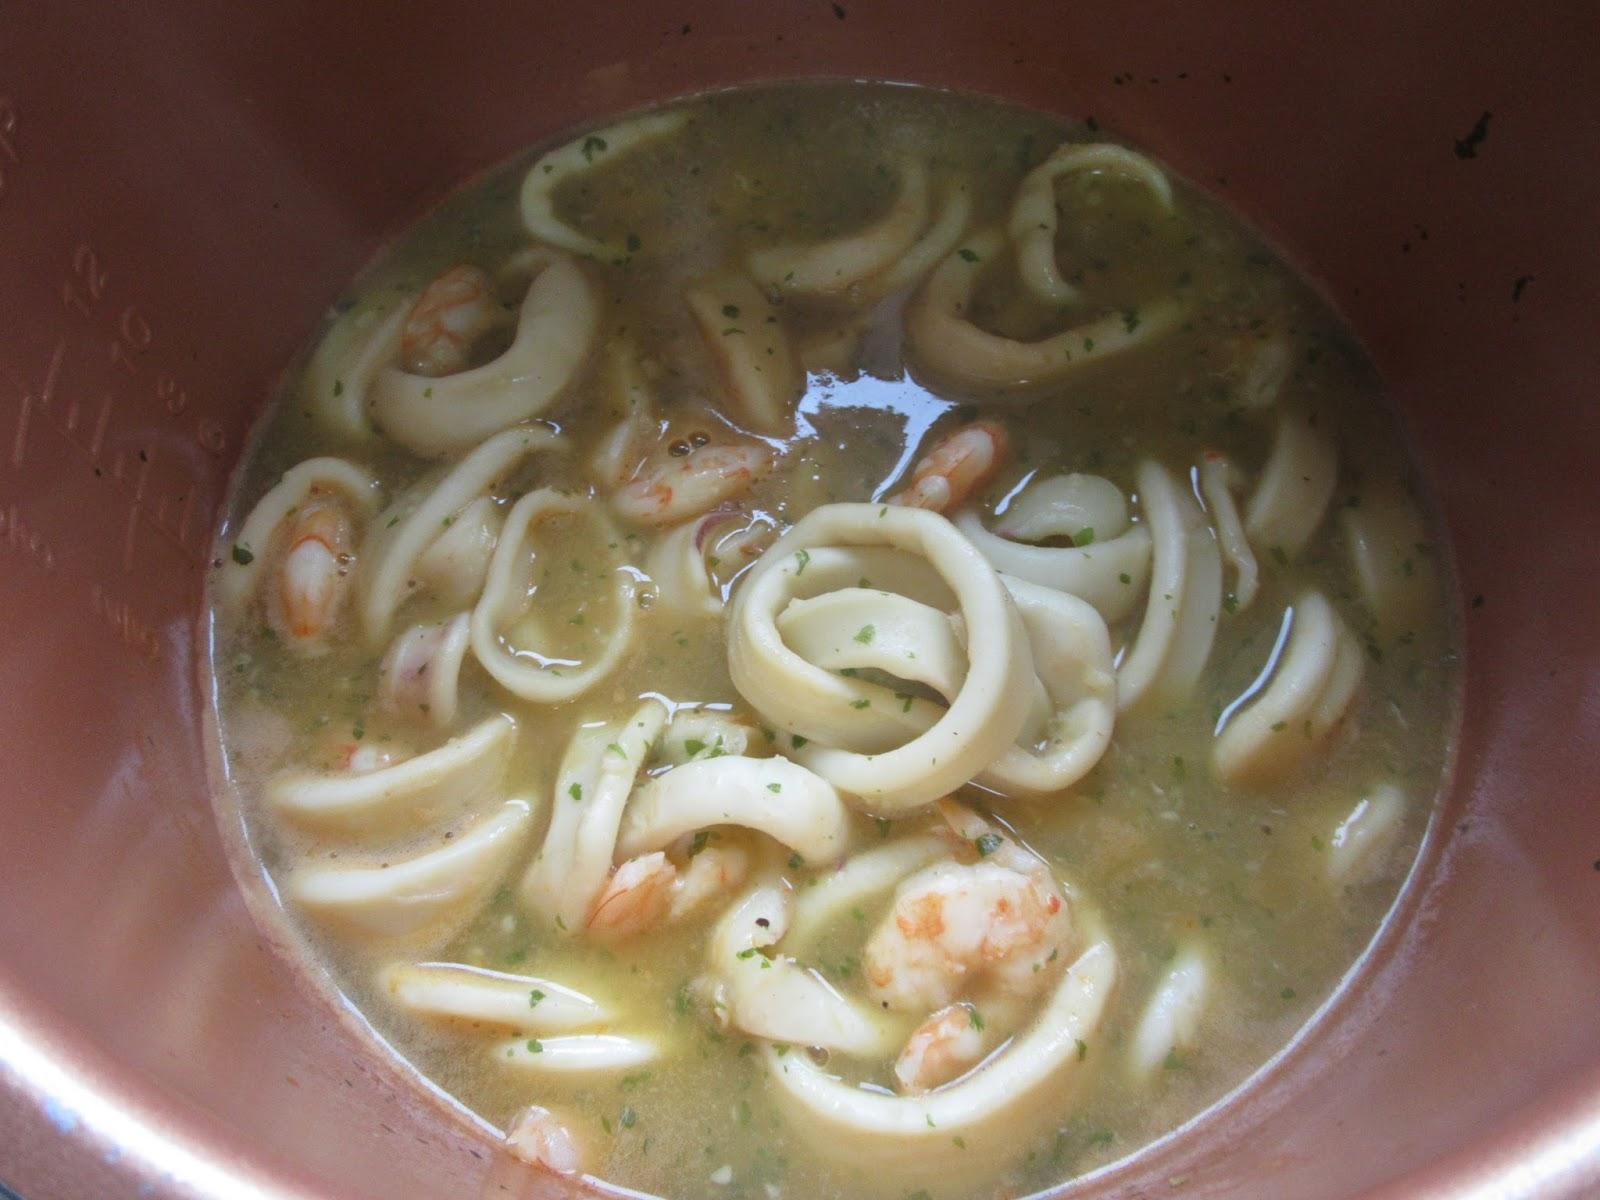 Calamares en salsa de langostinos olla GM Olla GM La Juani